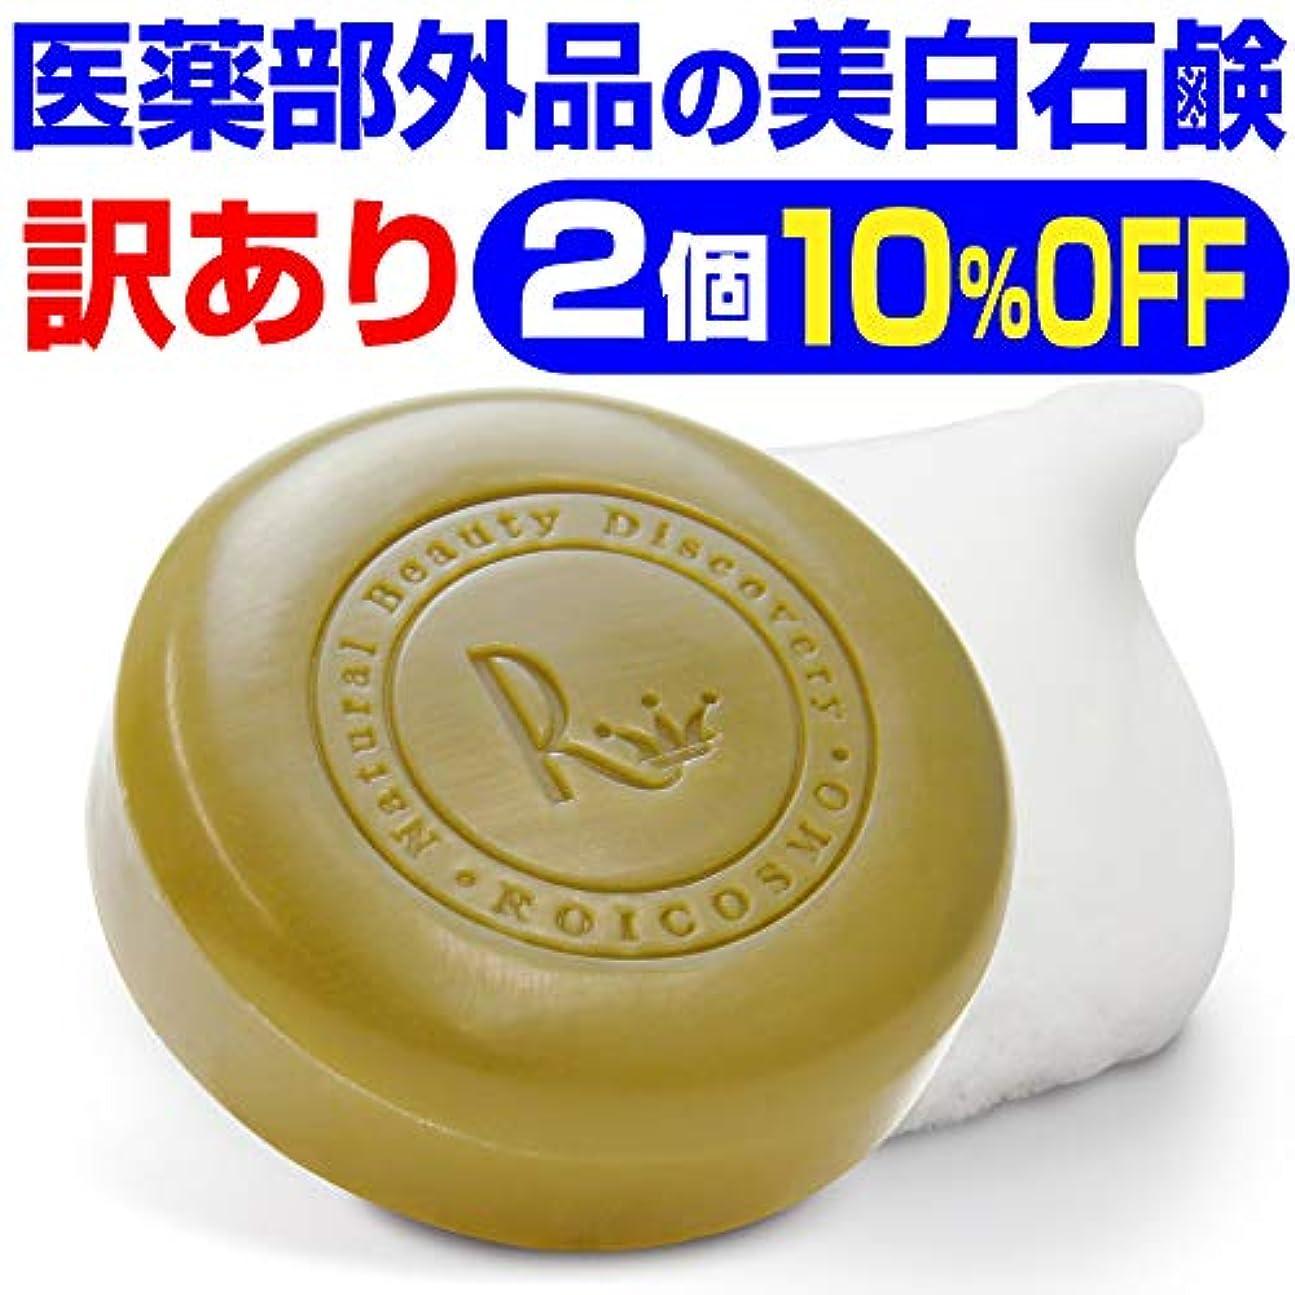 退屈百絶滅させる訳あり10%OFF(1個2,143円)売切れ御免 ビタミンC270倍の美白成分の 洗顔石鹸『ホワイトソープ100g×2個』